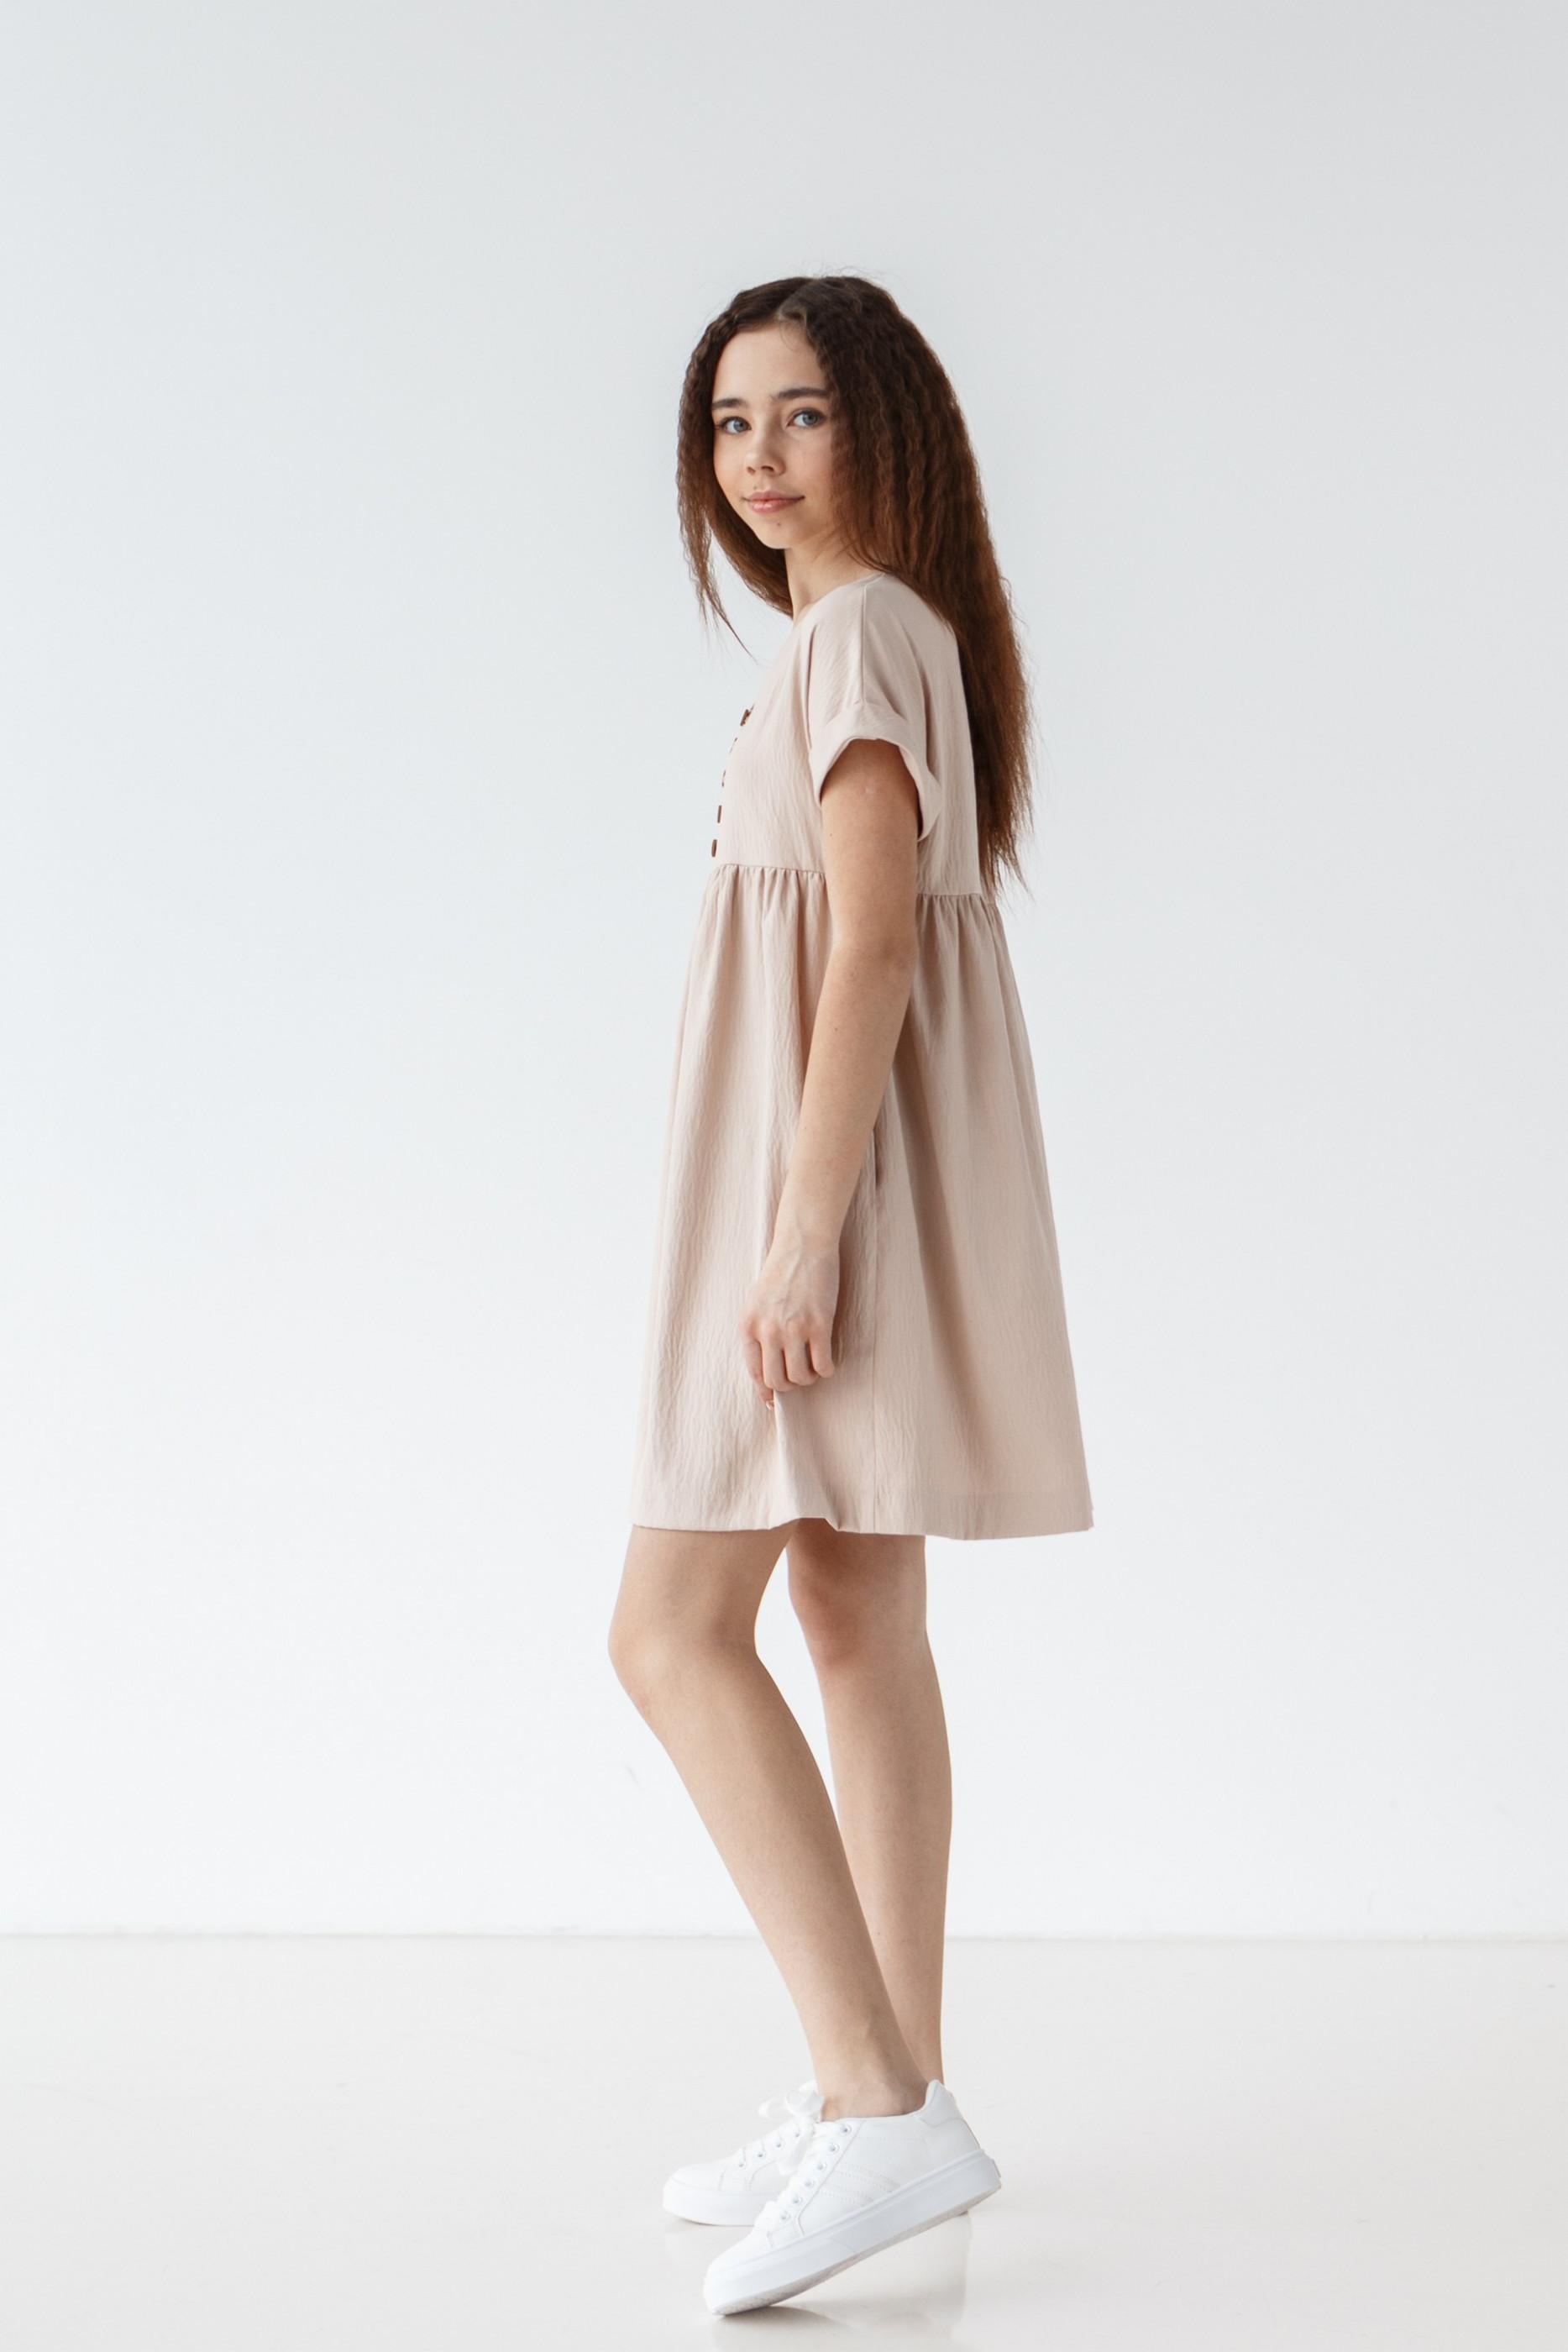 Плаття Лана, фото №2